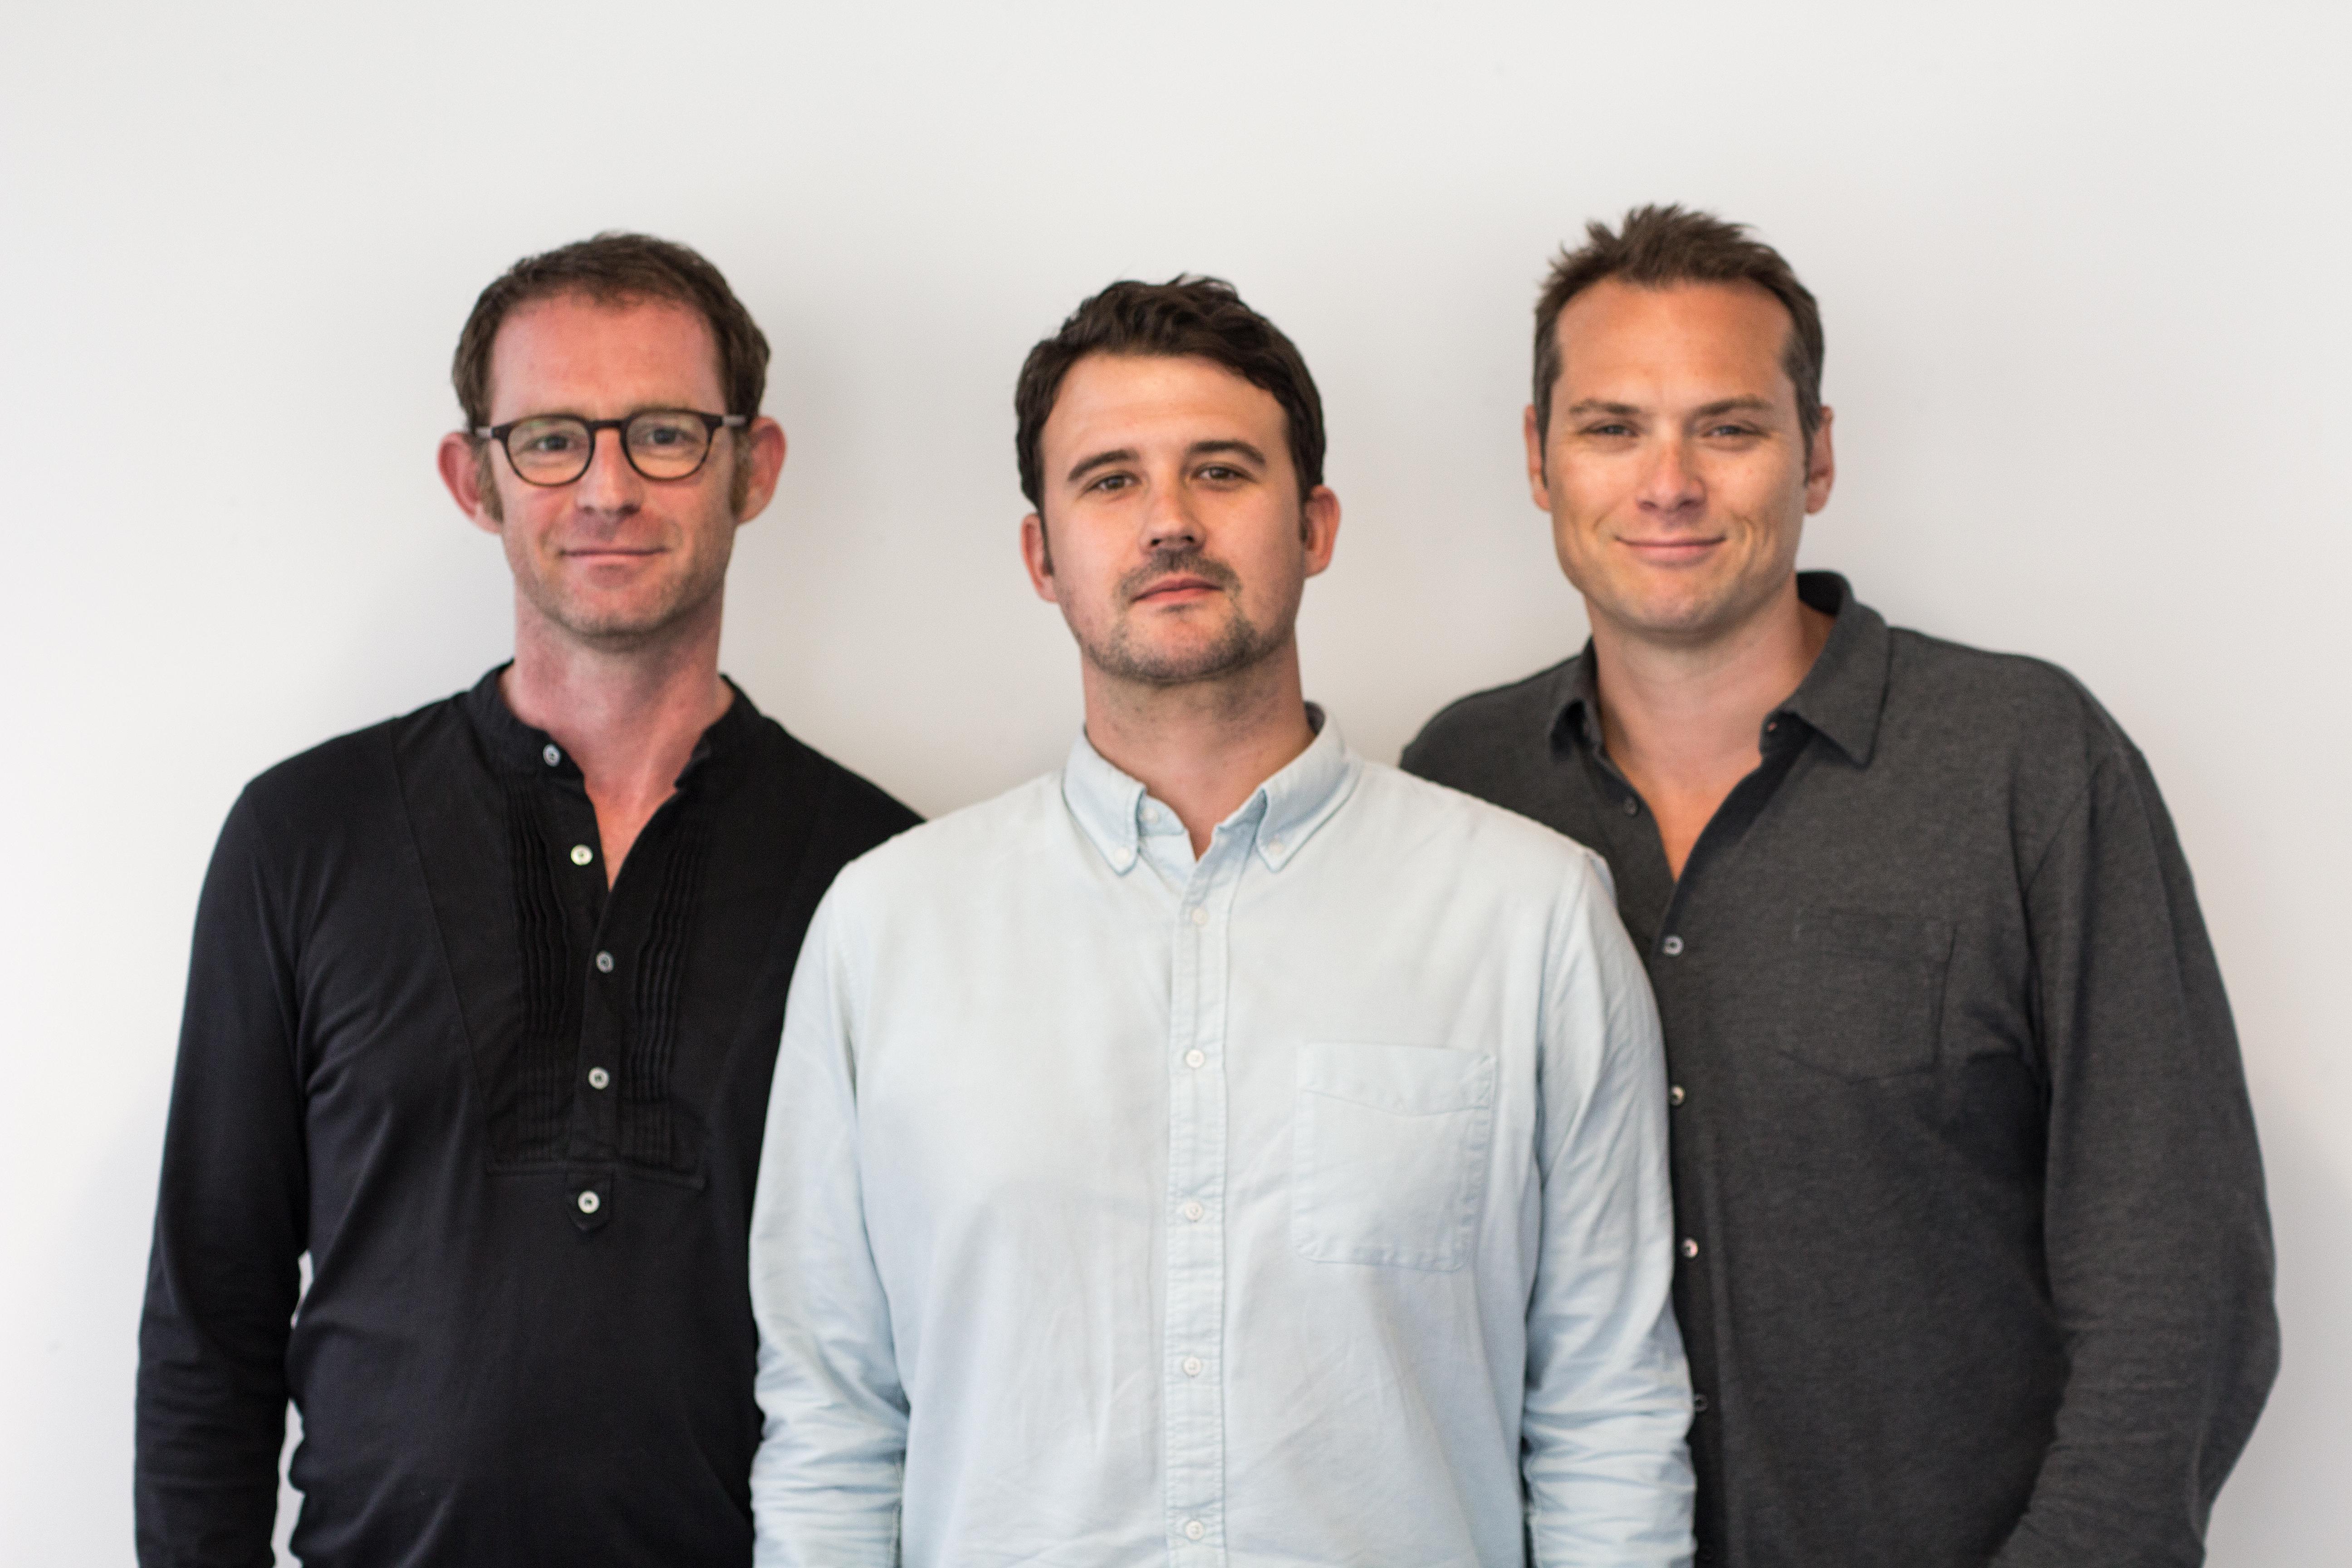 Brand New Creative Agency Kitty Announces Leadership Team